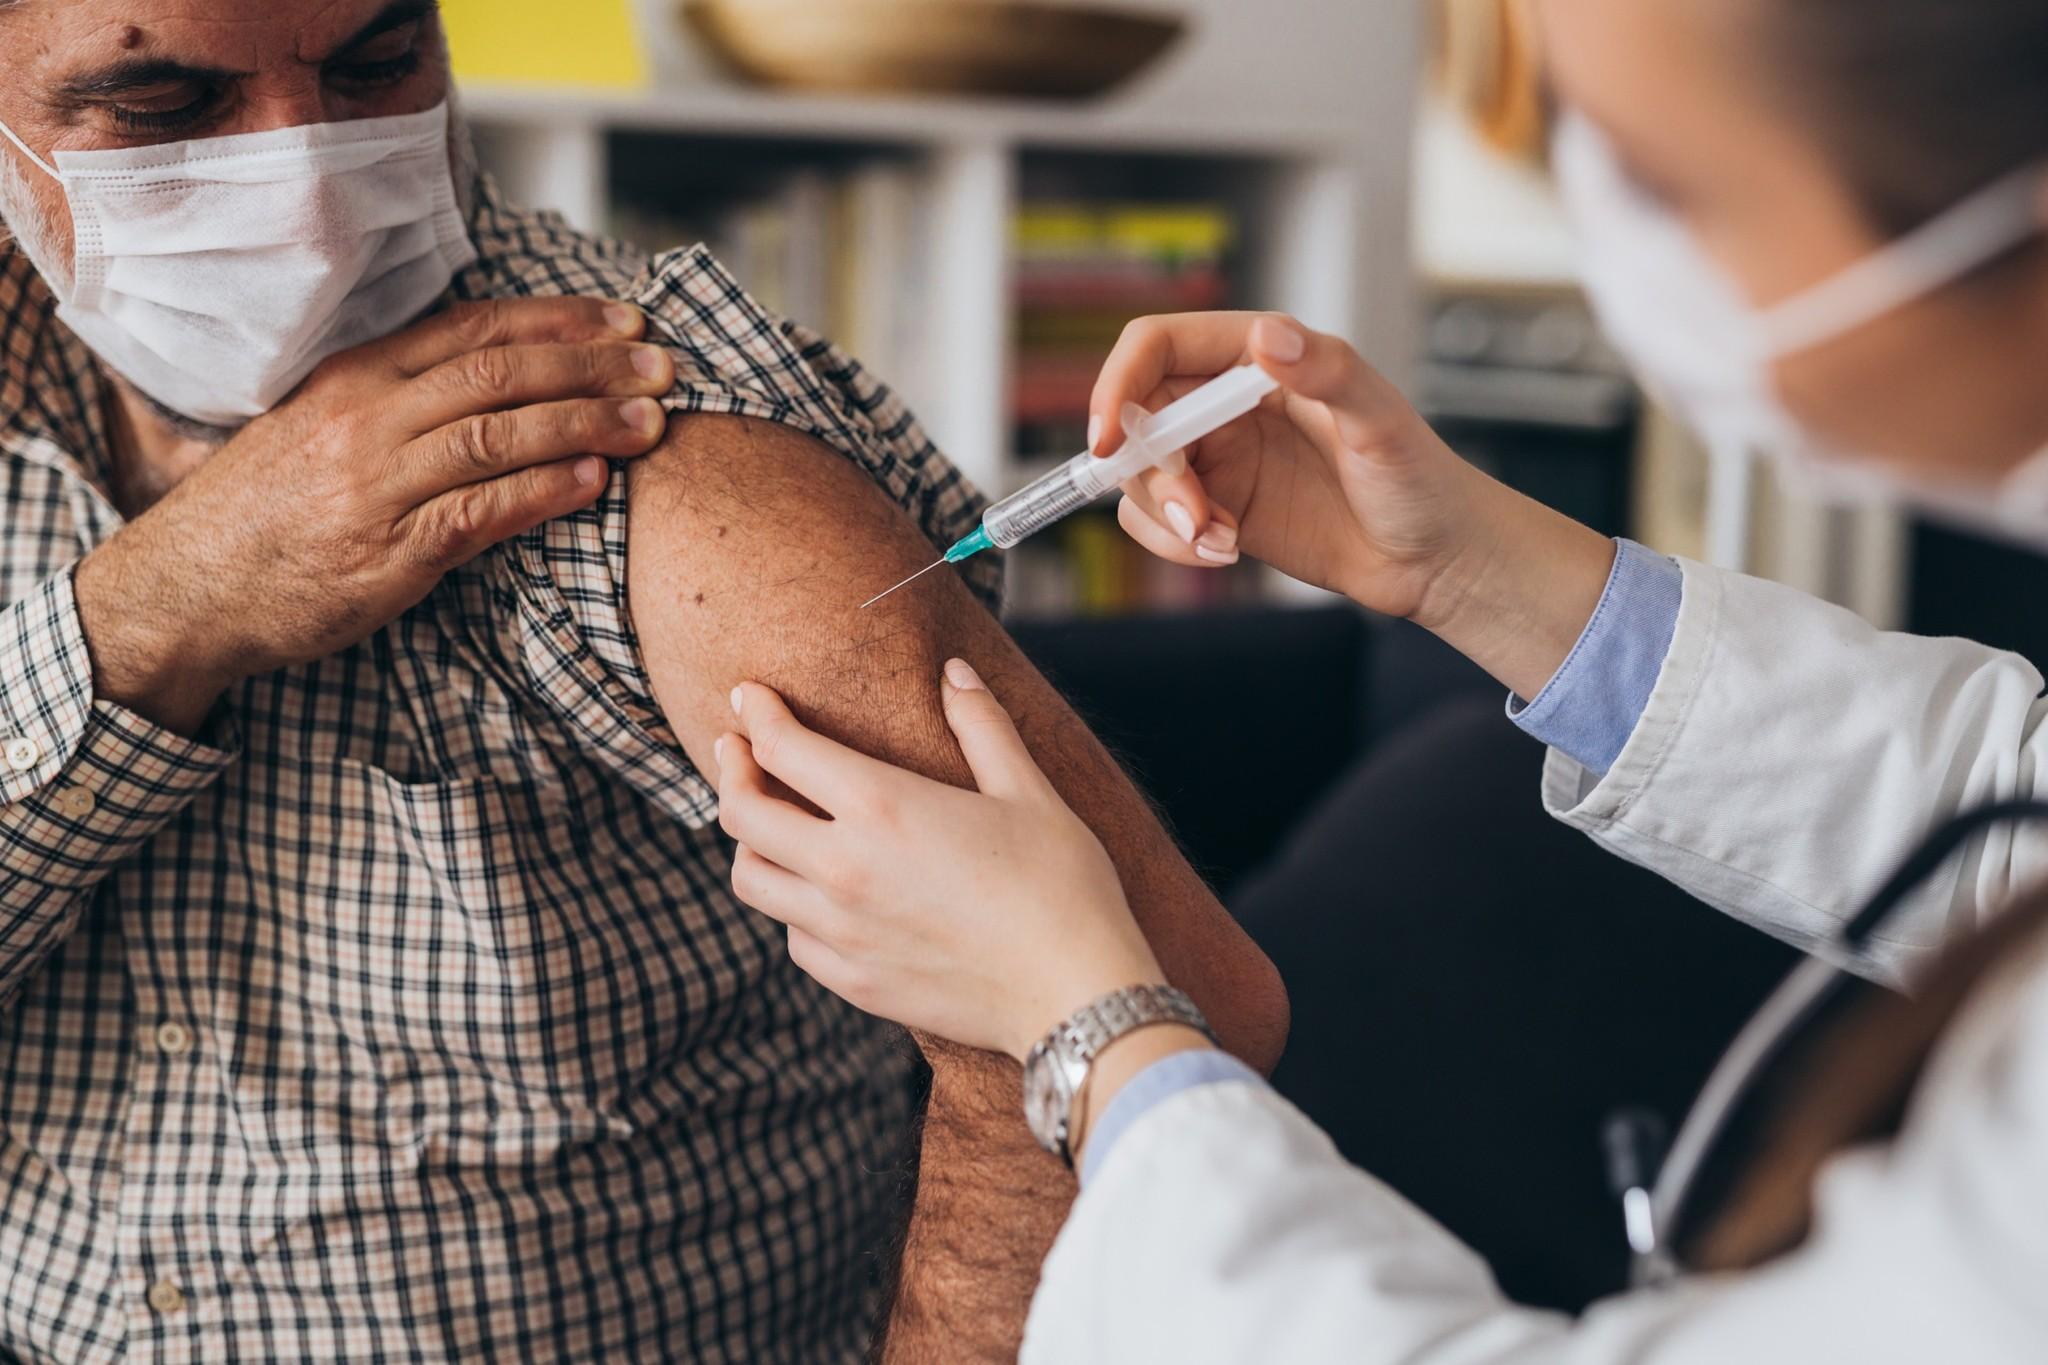 危険 コロナ ワクチン